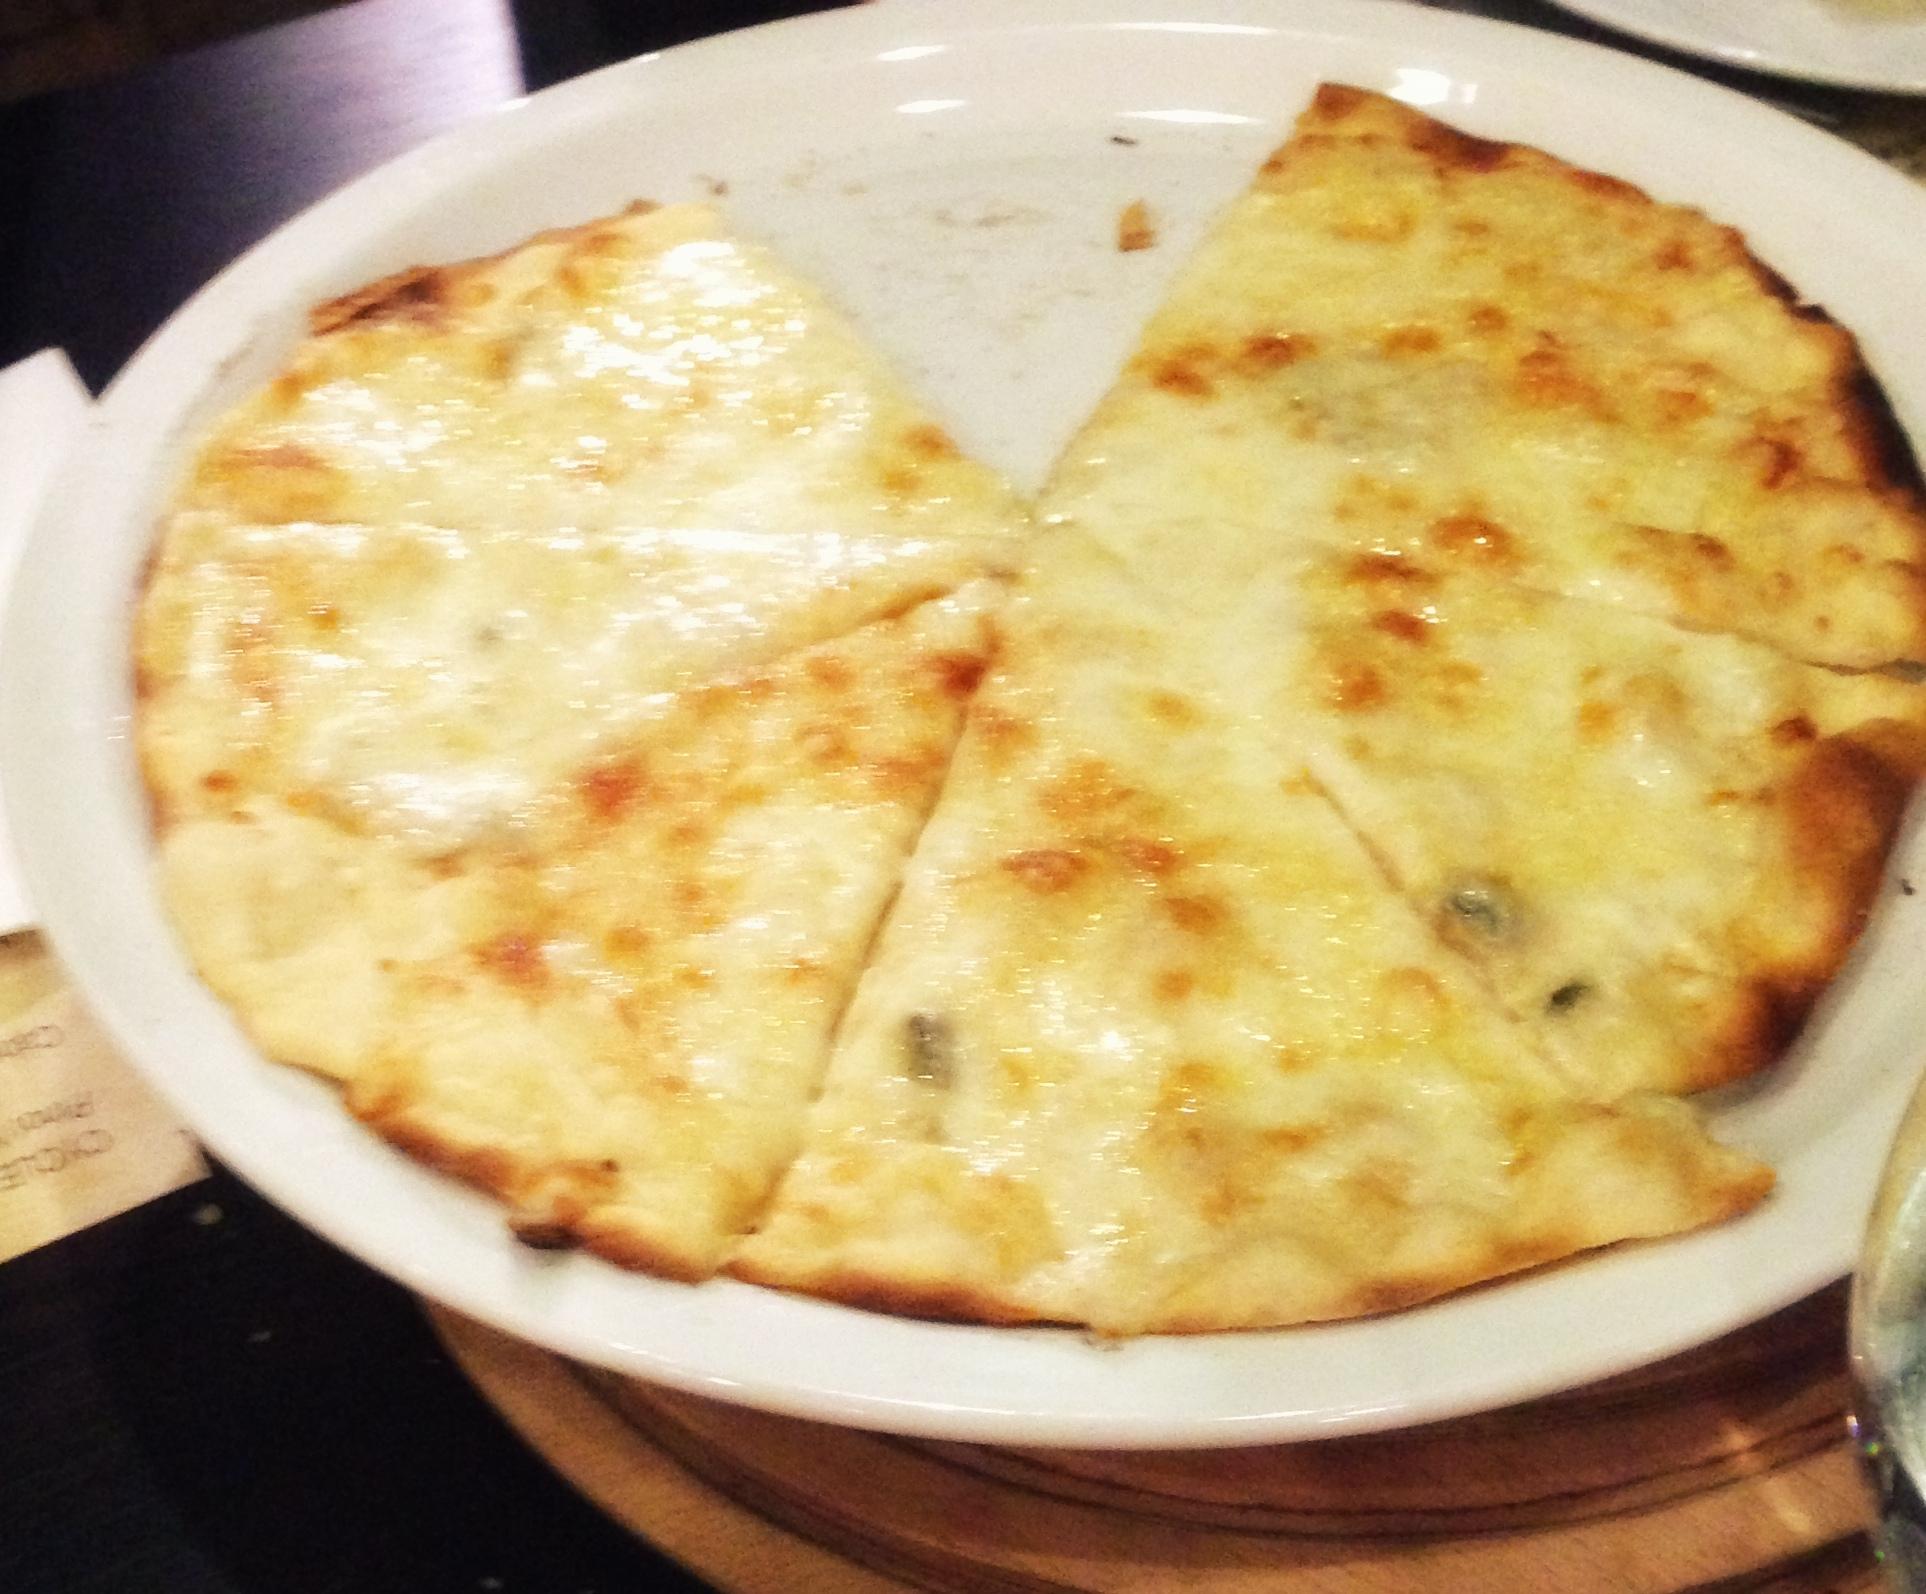 dortpeynirli pizza Vino Steak Ristorante, Lezzet ve Şarap Diyarı